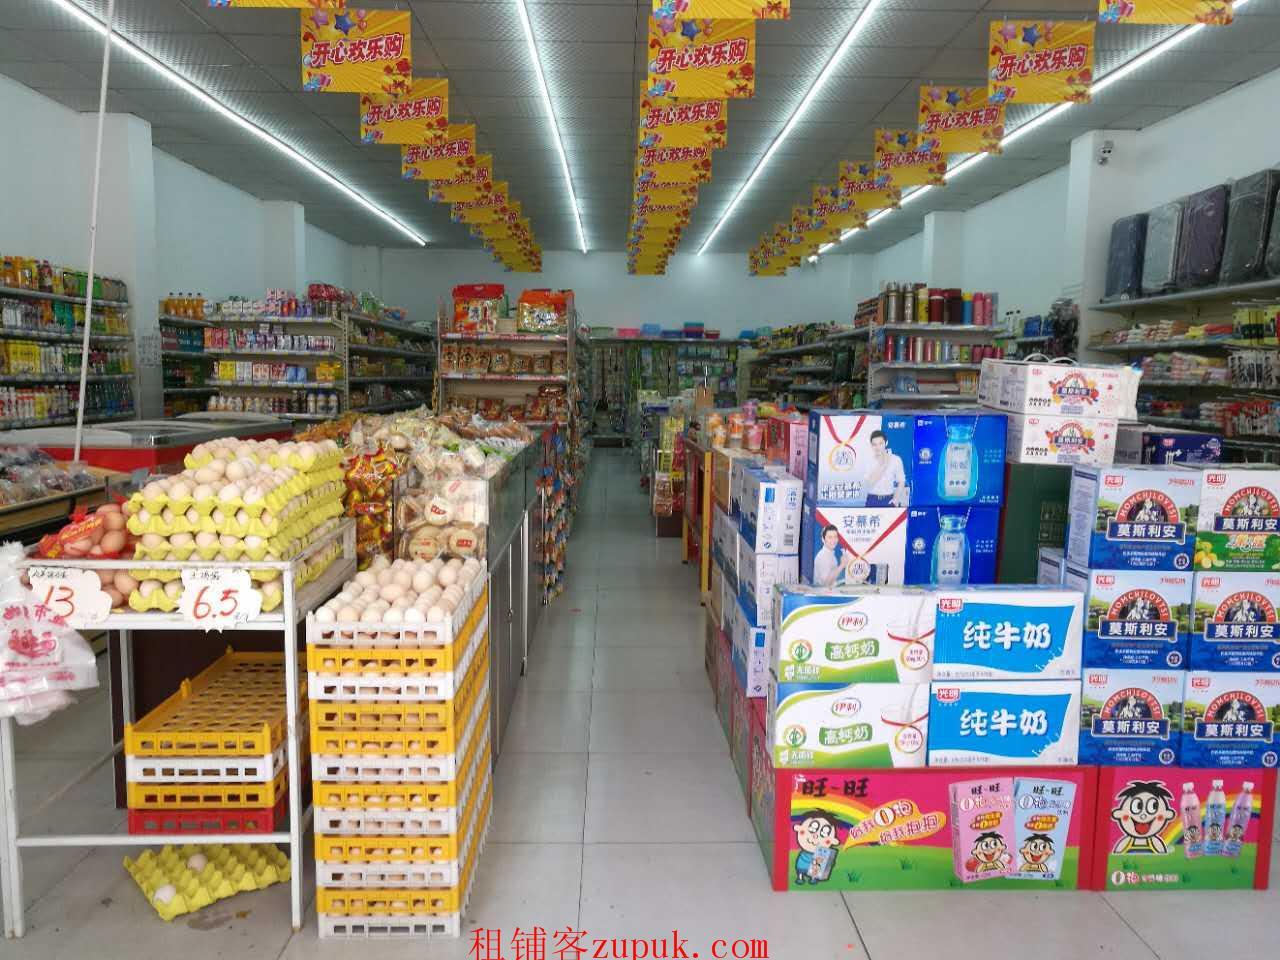 高新区 小区门口的超市盈利转了!